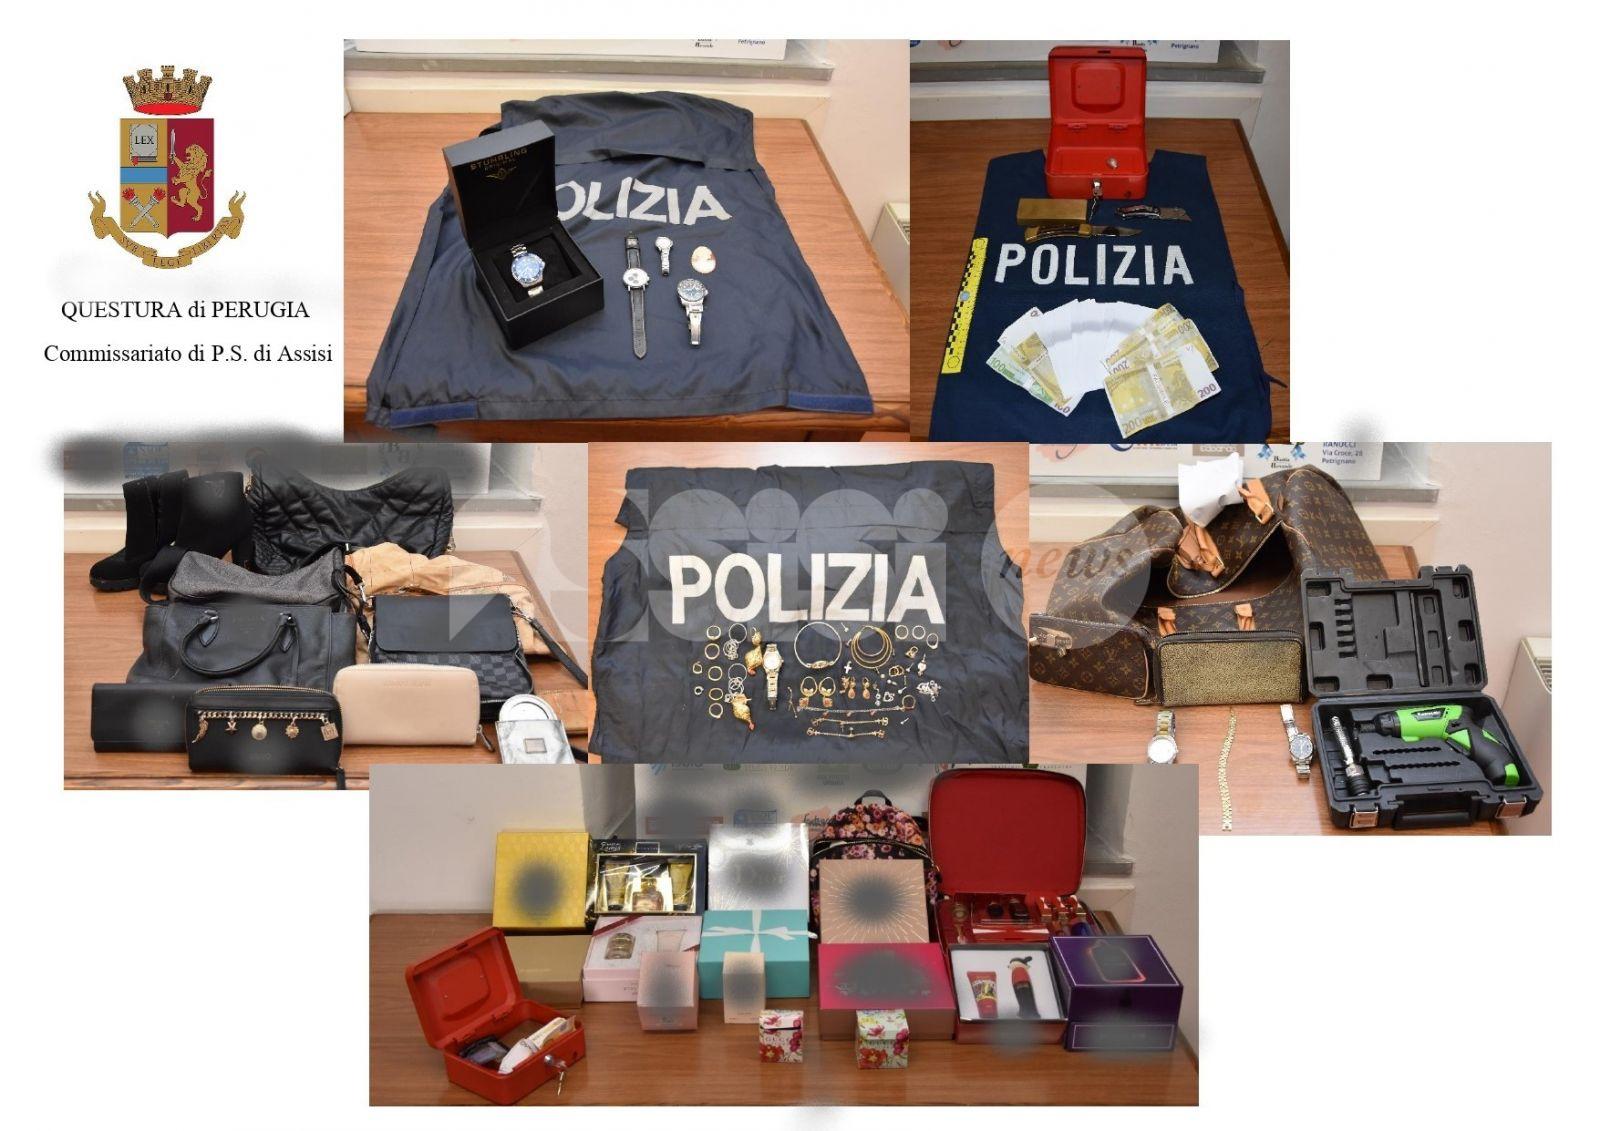 Banda dei furti, arrestati e incarcerati gli ultimi due componenti